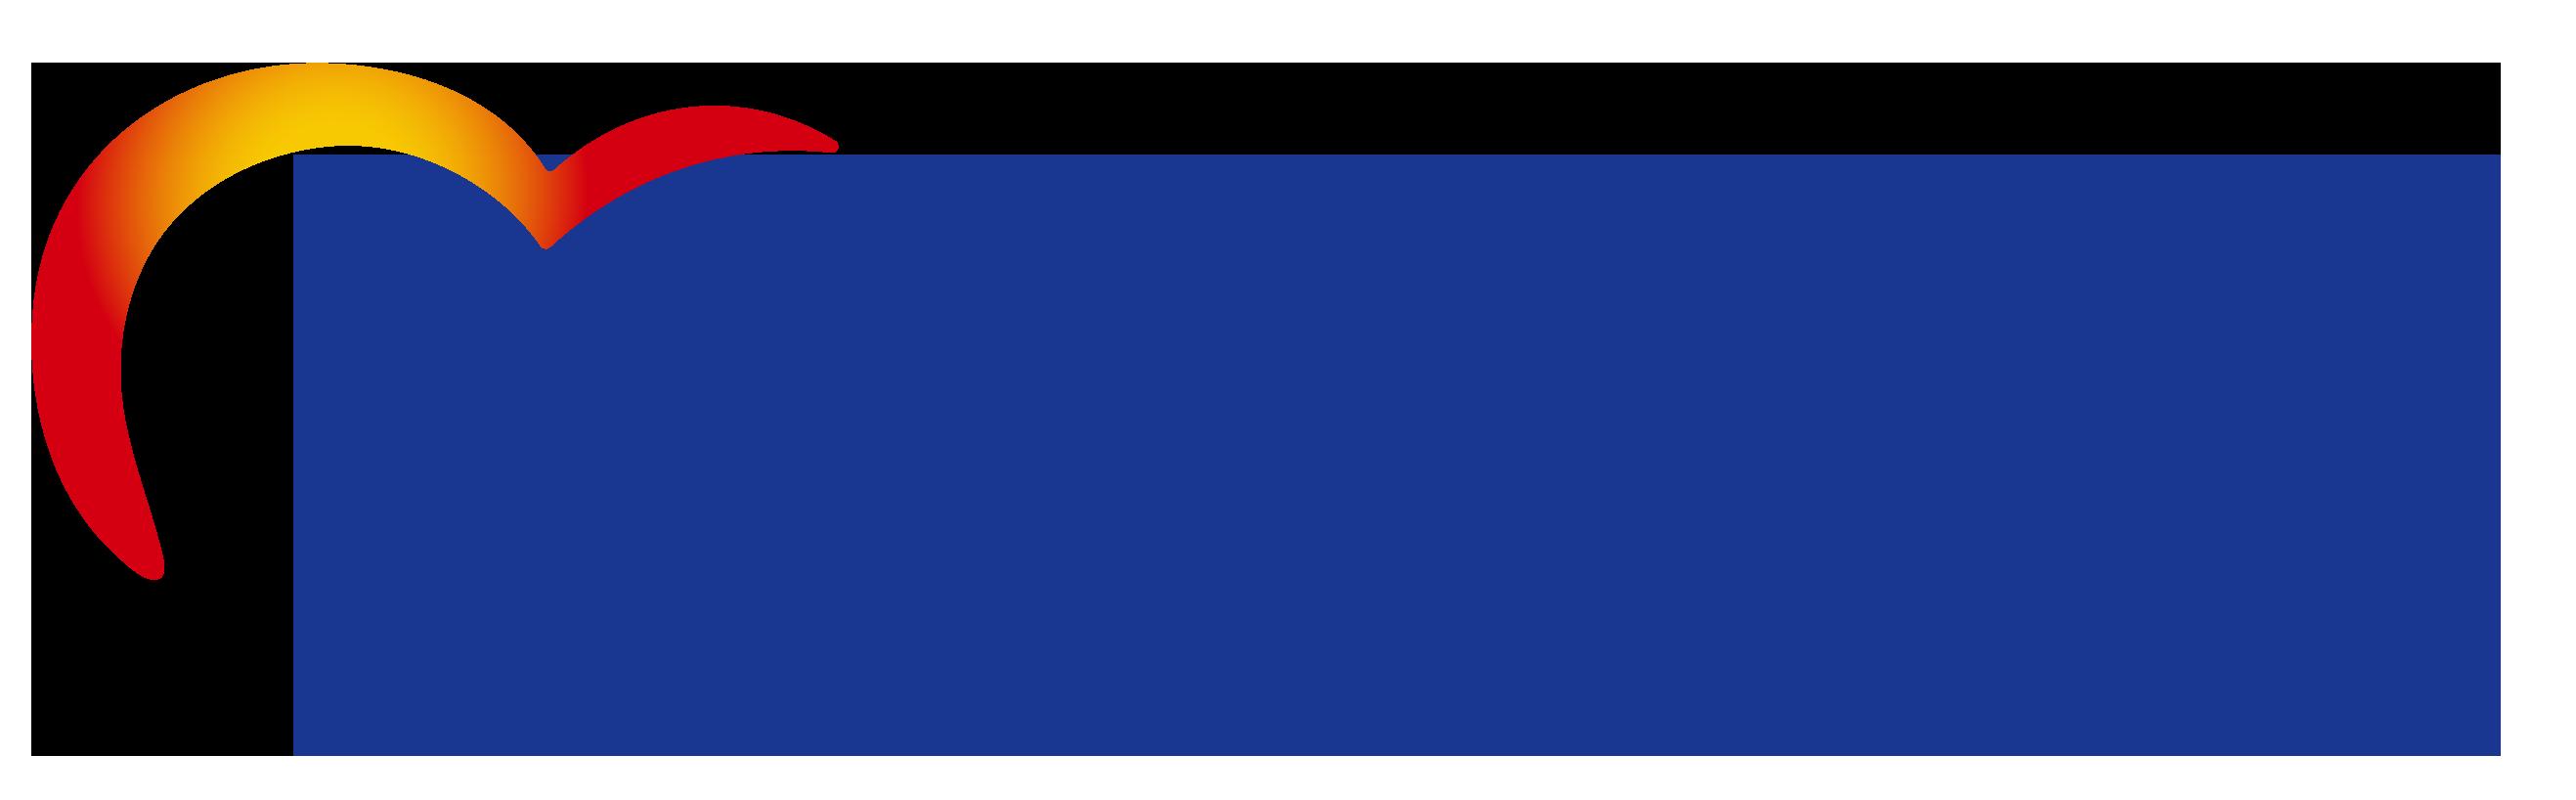 [XIII Legislatura] Constitución de los Grupos Parlamentarios Logo